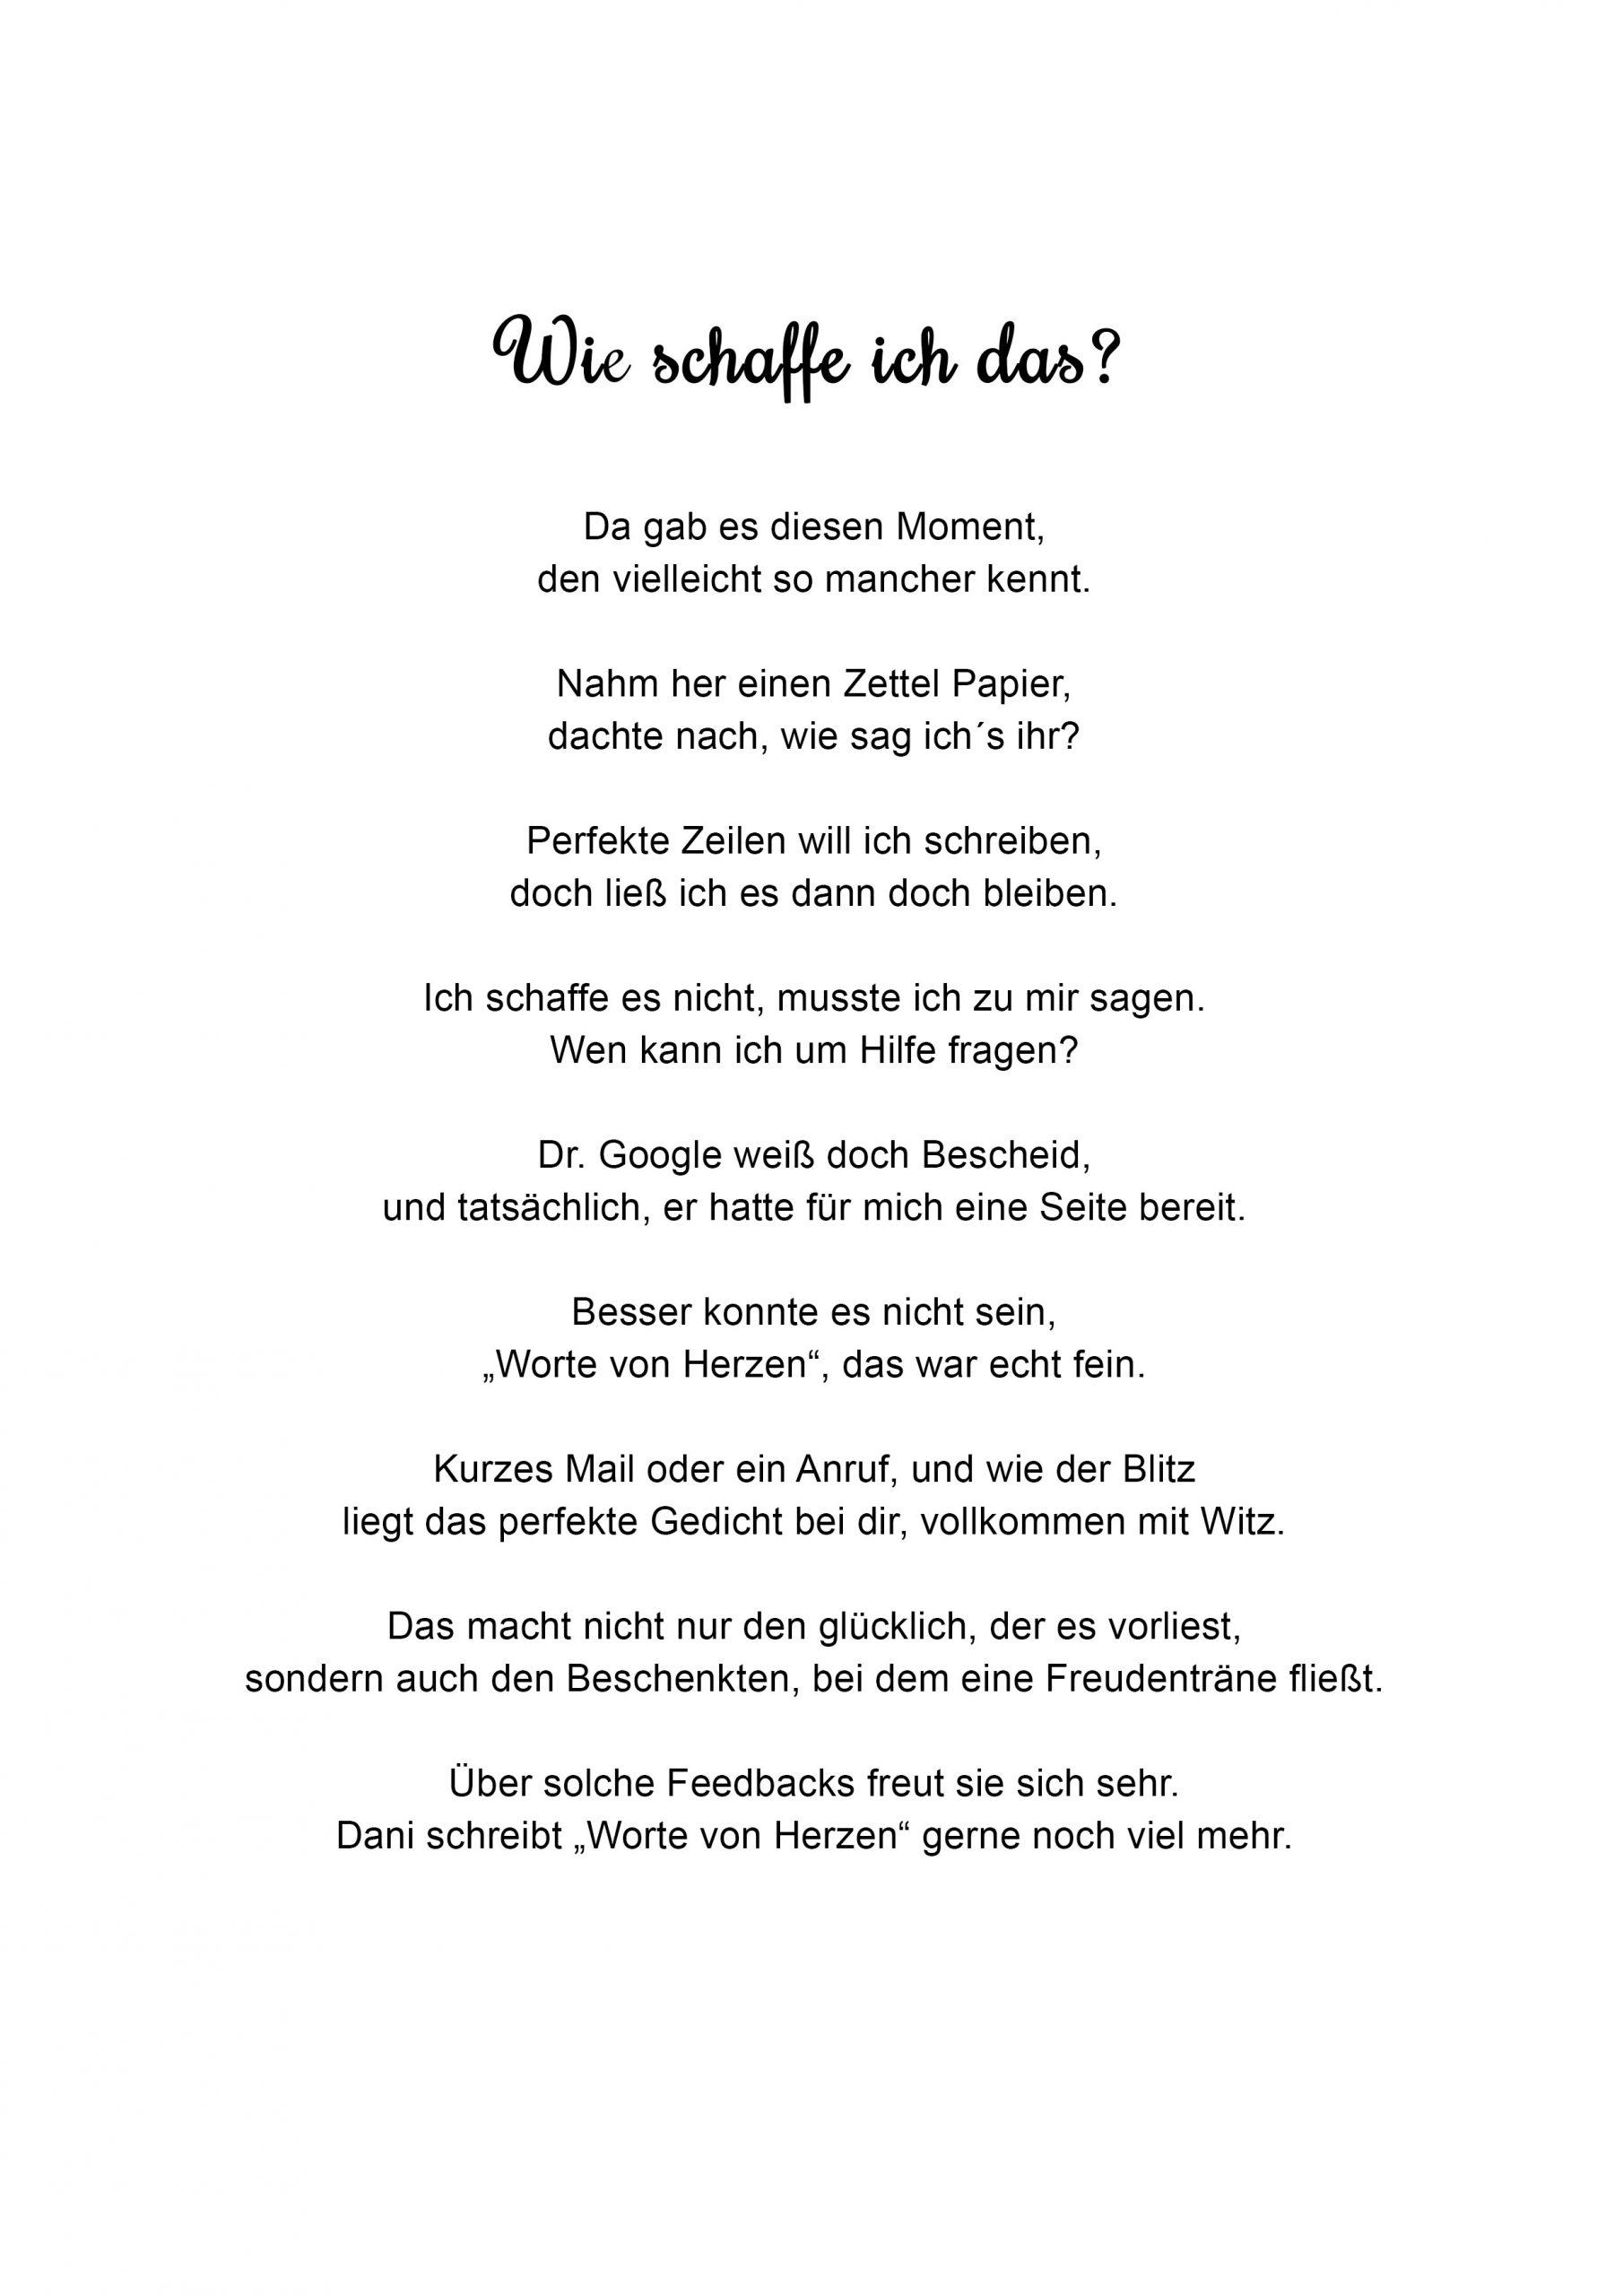 Von herzen gedichte Gedichte von